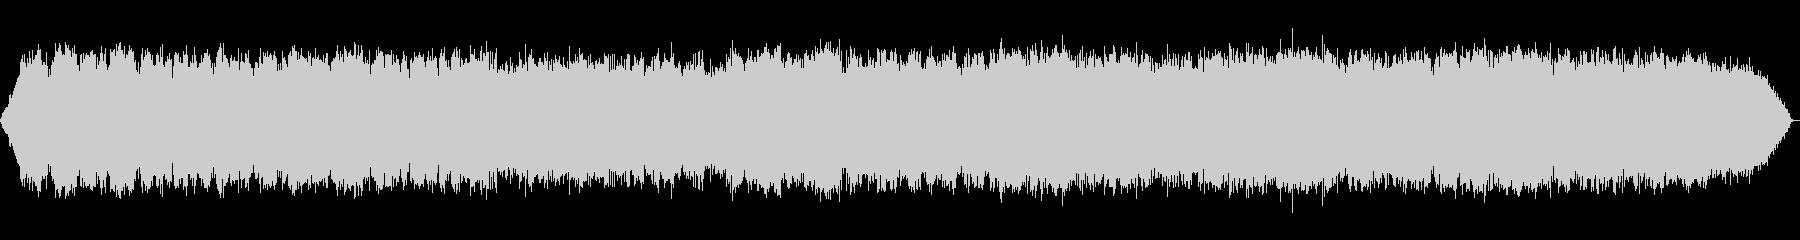 竹笛のバラードの未再生の波形